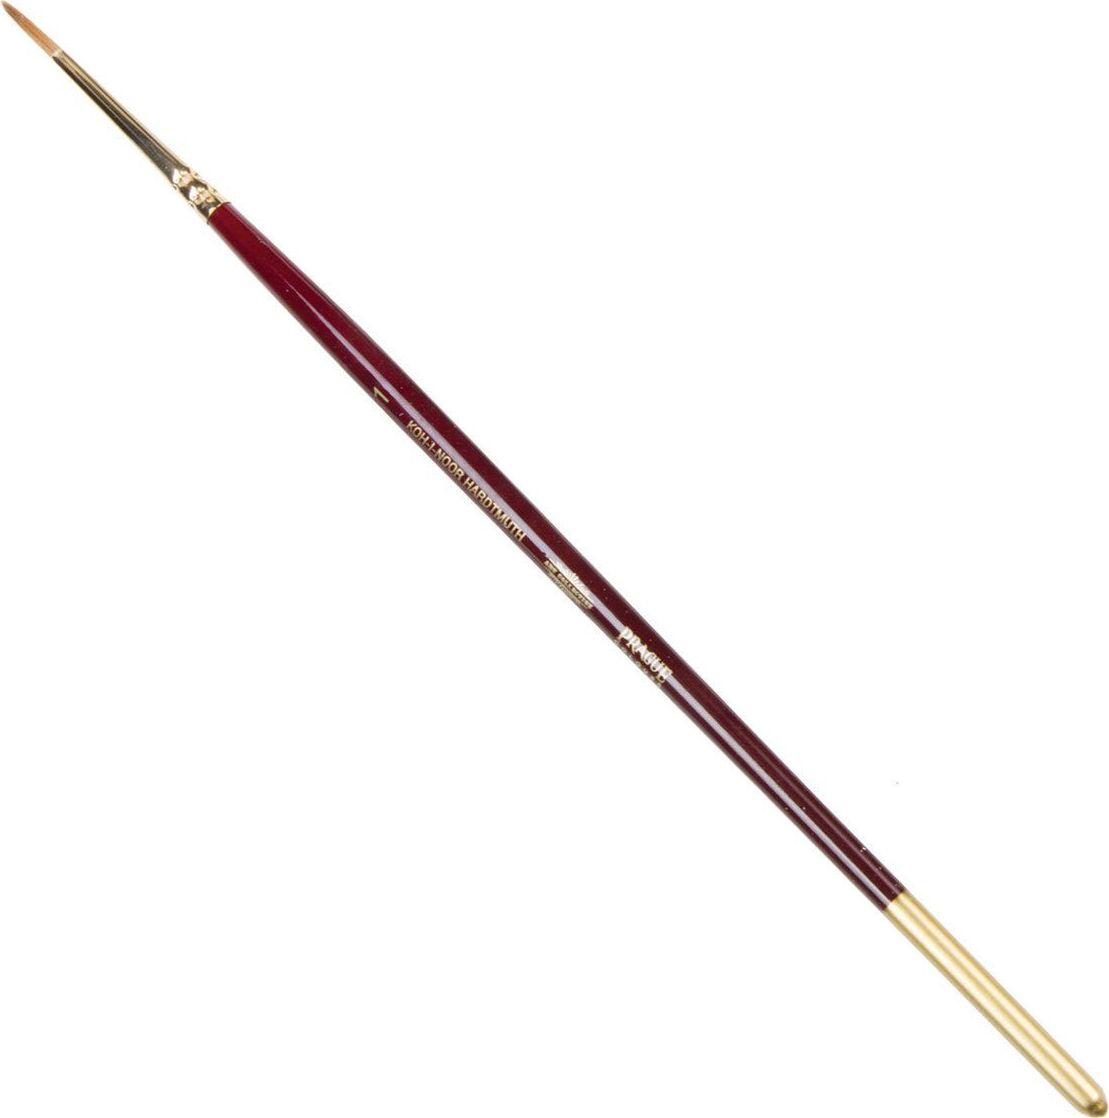 Koh-I-Noor Кисть колонок круглая №1 короткая ручка200378Высококачественная кисть из натурального волоса колонка. Волос прекрасно сохраняет форму, не ломается, впитывает влагу и хорошо моется под проточной струей воды. Подходит для акварели и индийских красок.